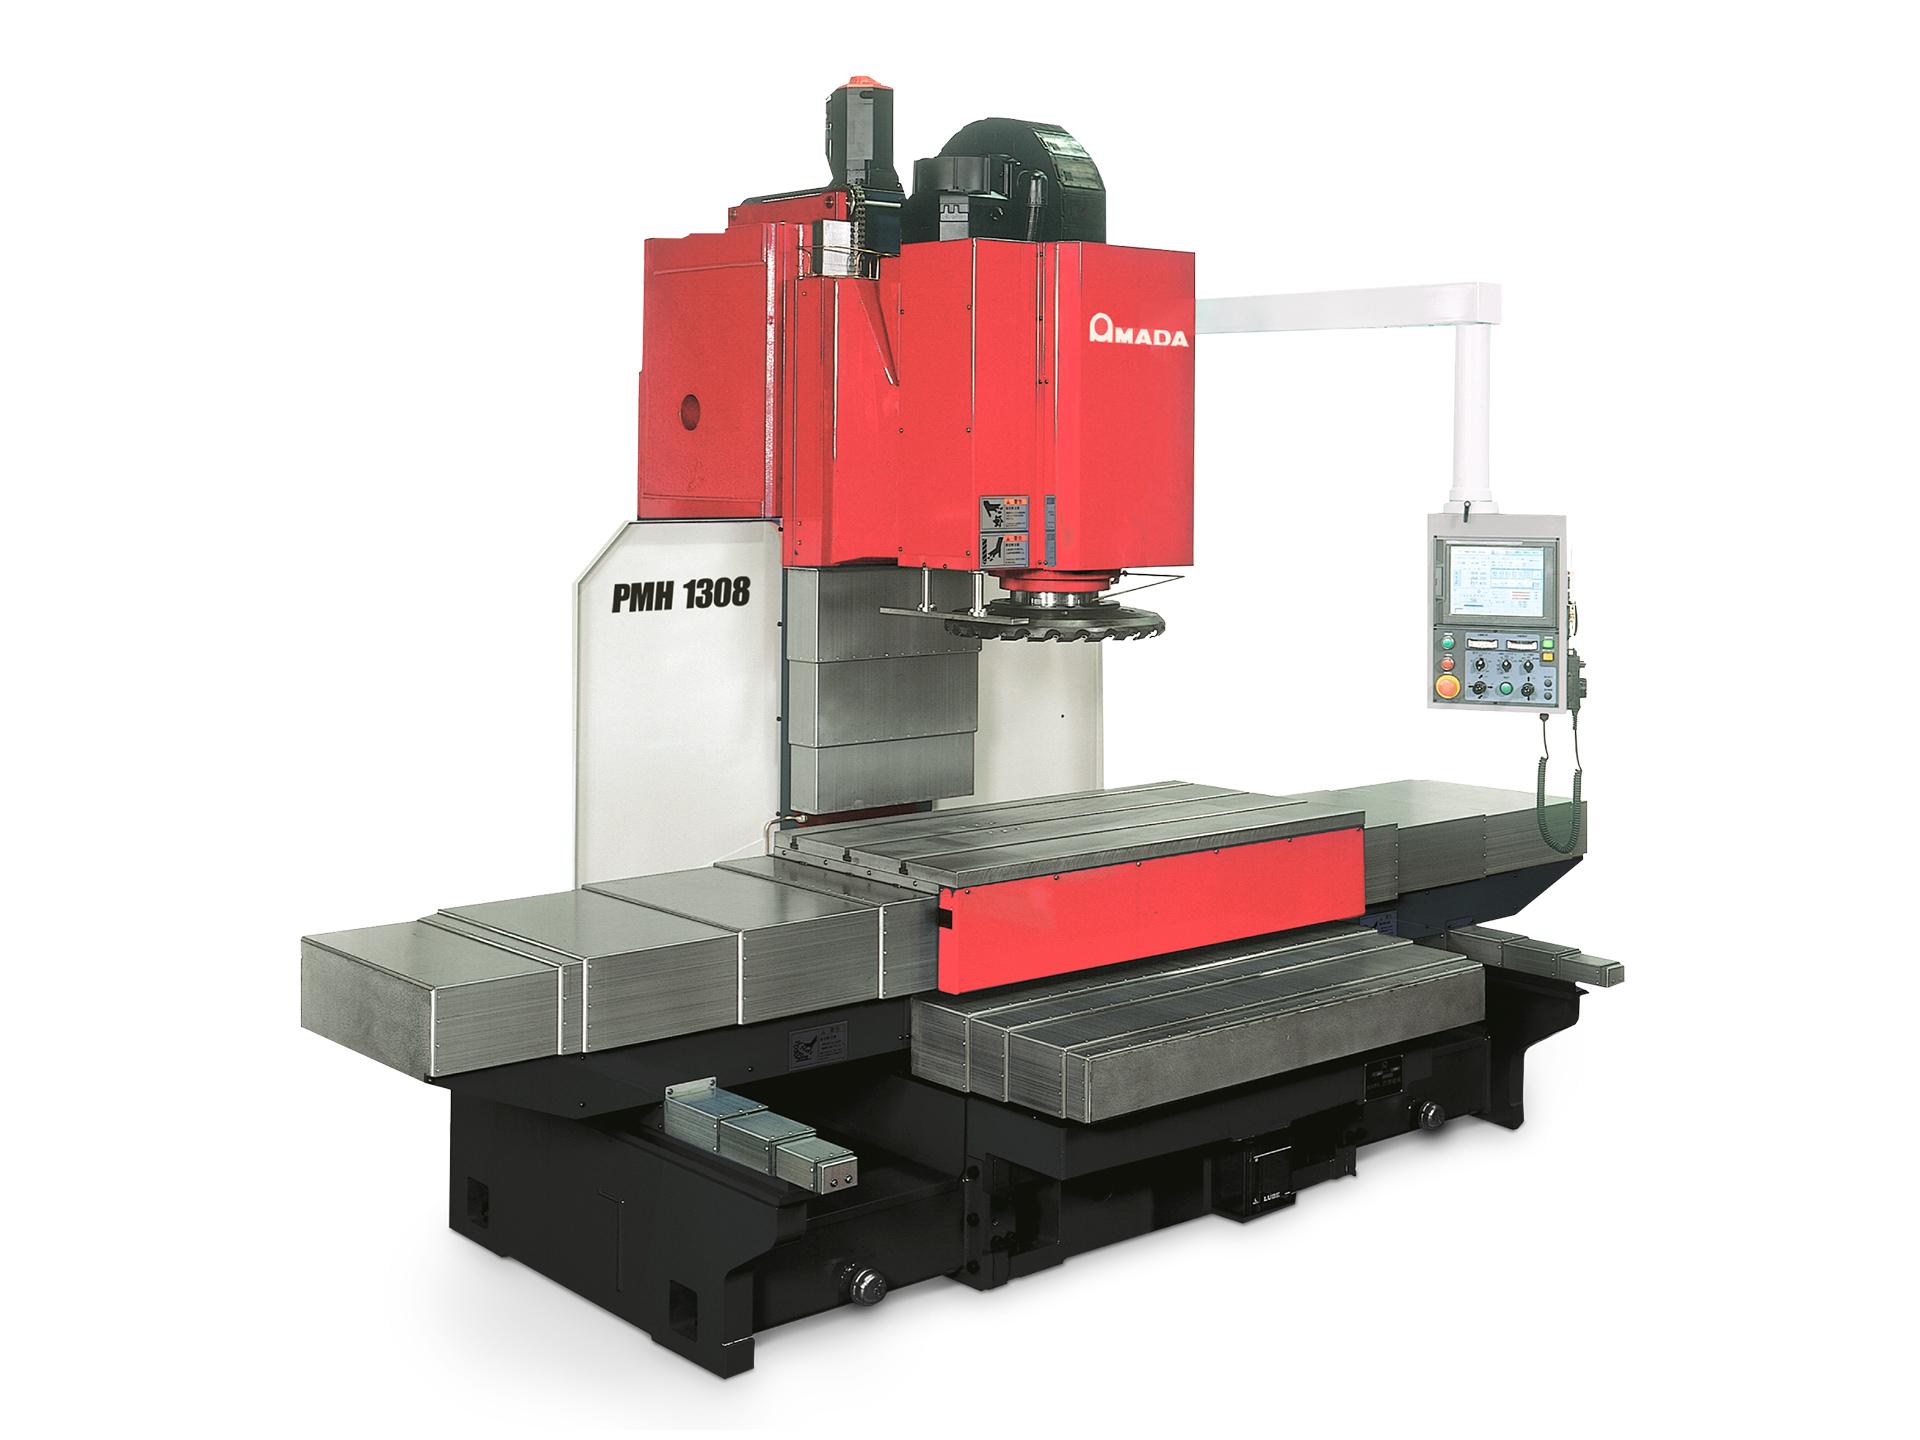 Spinner AG - Plattenfräsmaschinen PMH